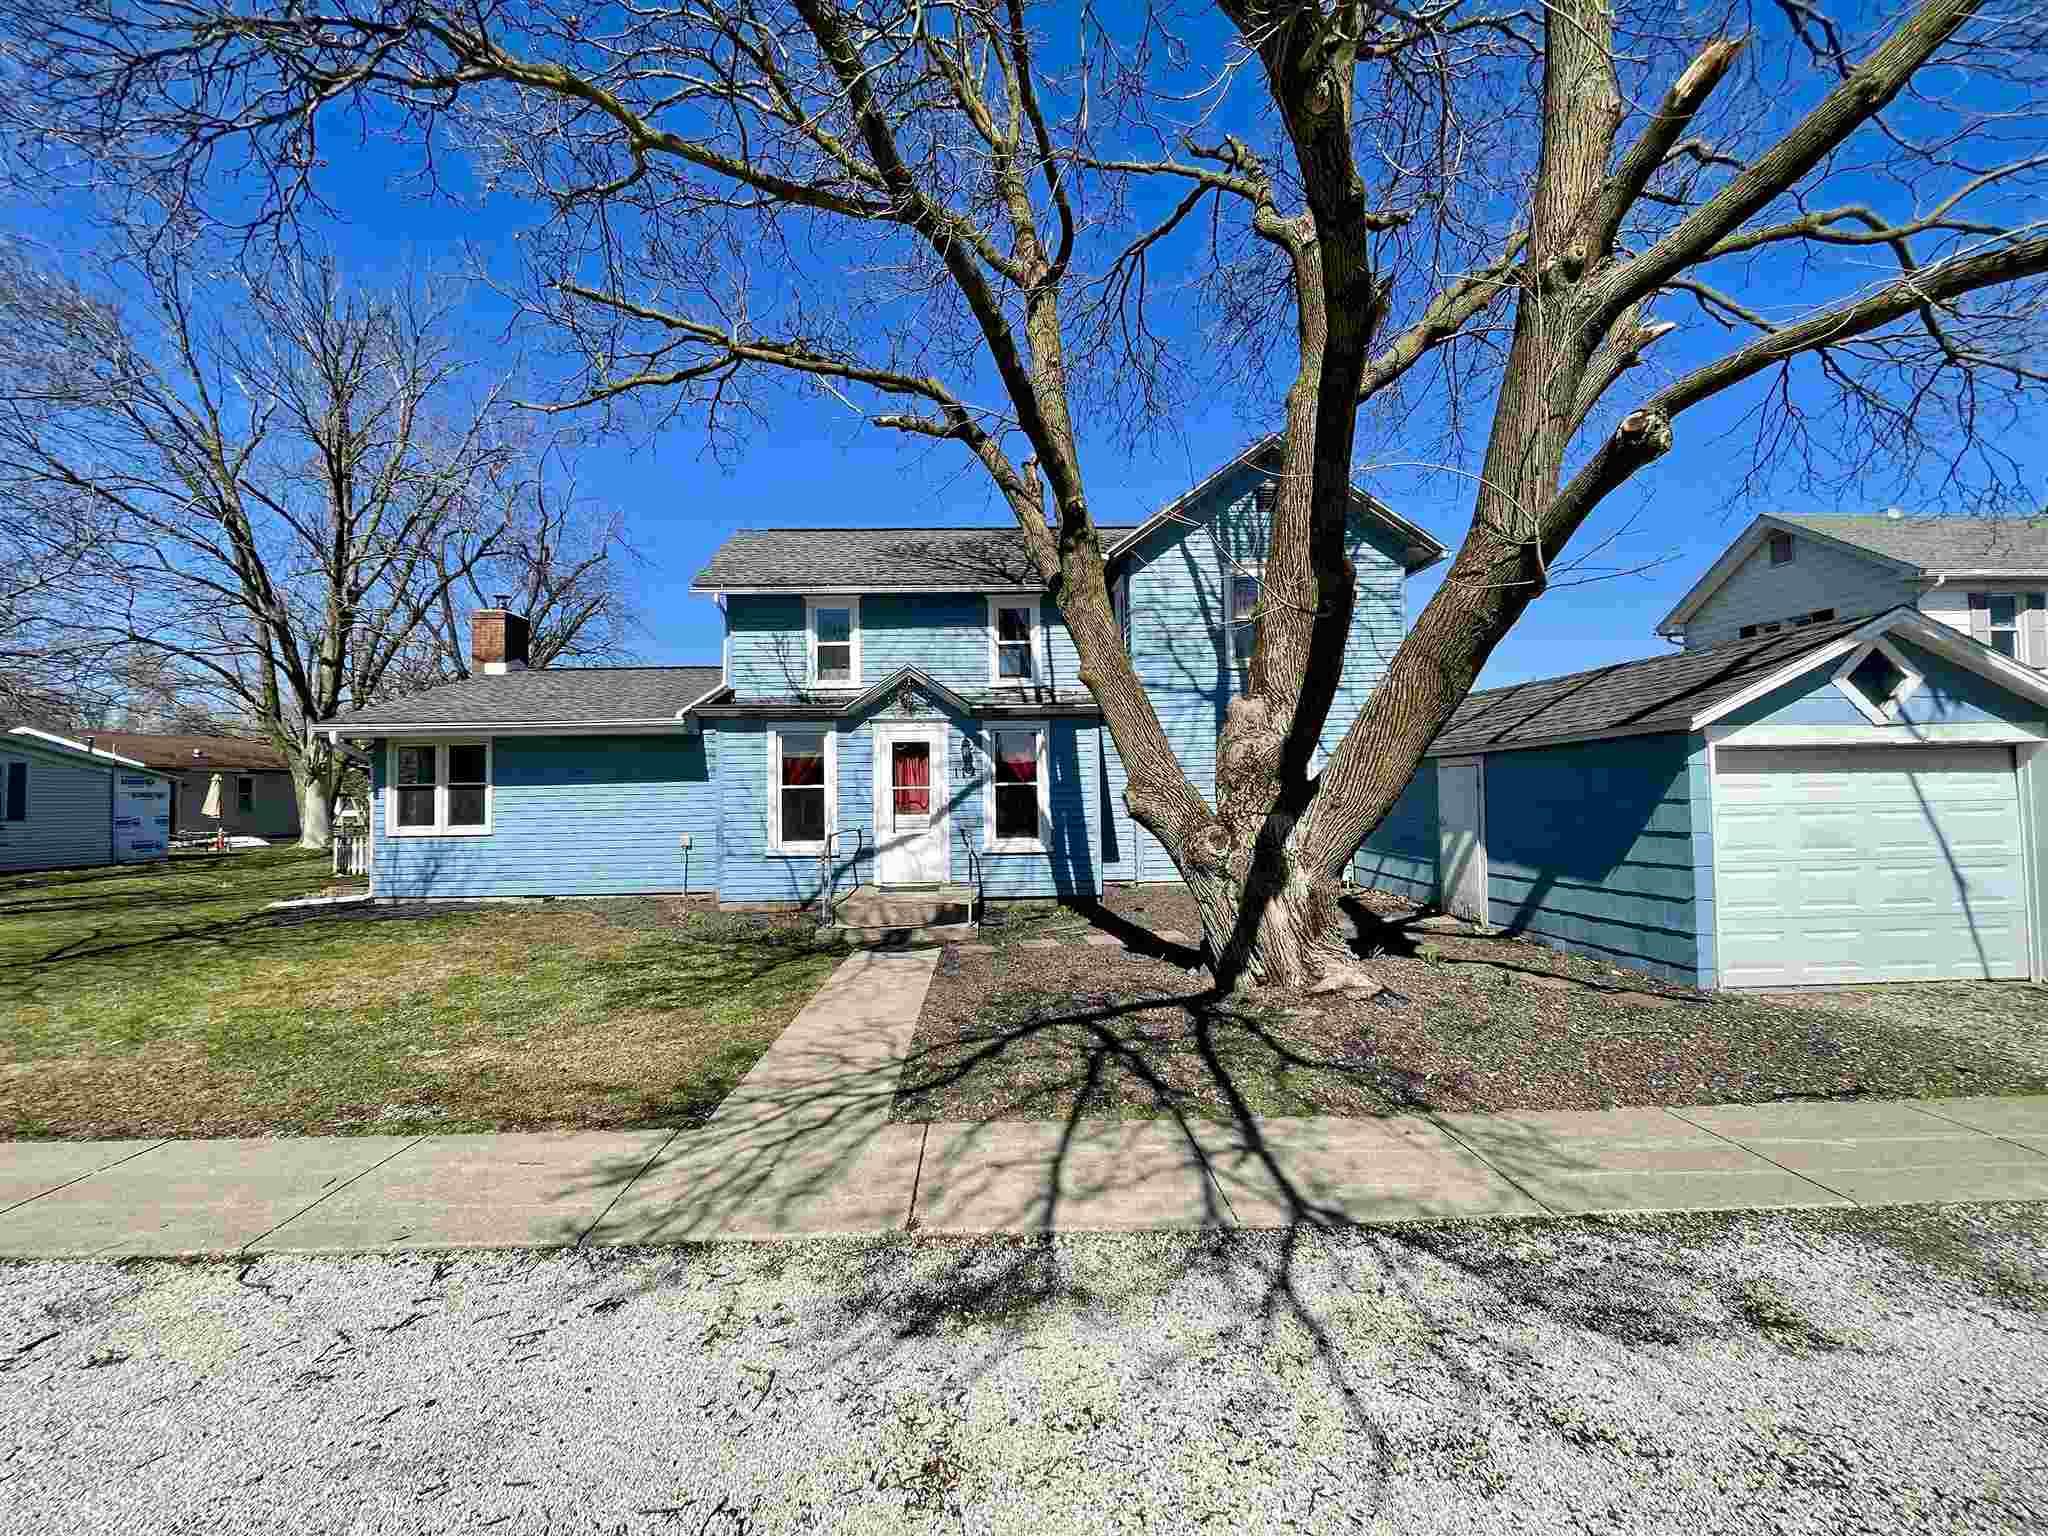 112 E FISK Property Photo - Goodfield, IL real estate listing